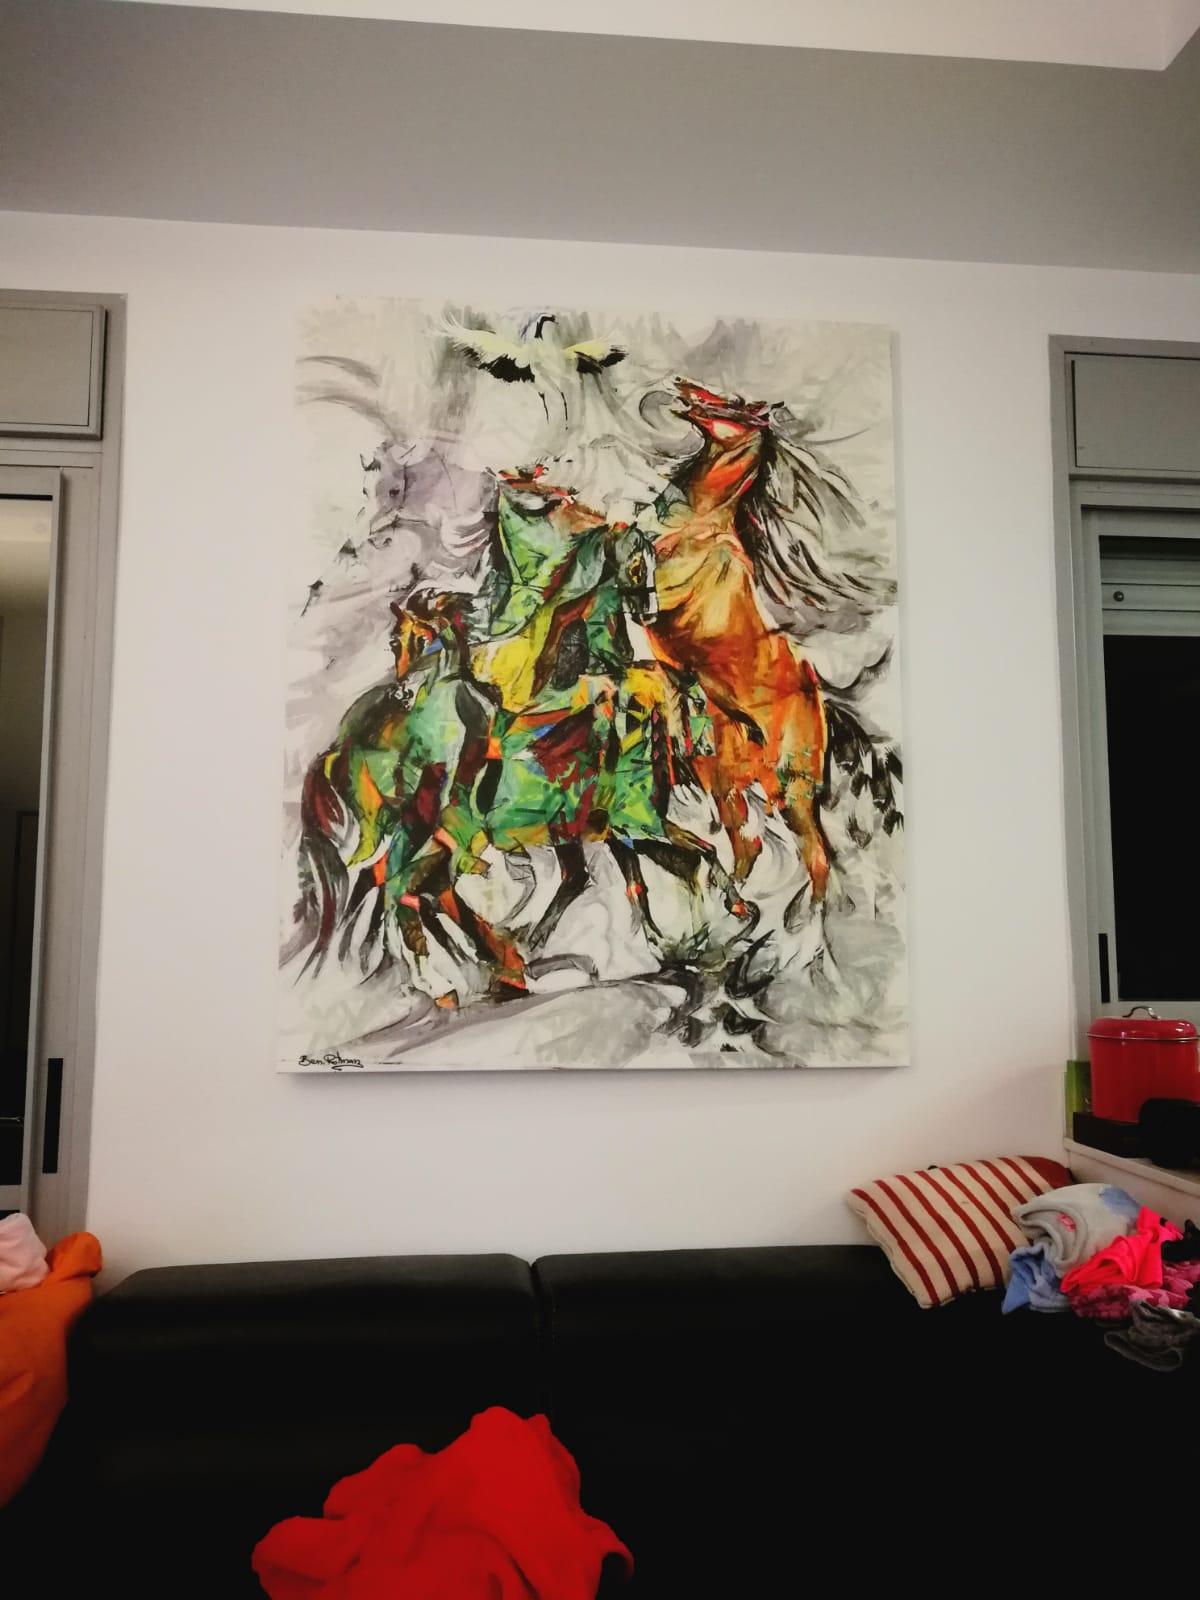 אלעד ונעמה אהבו את הציור